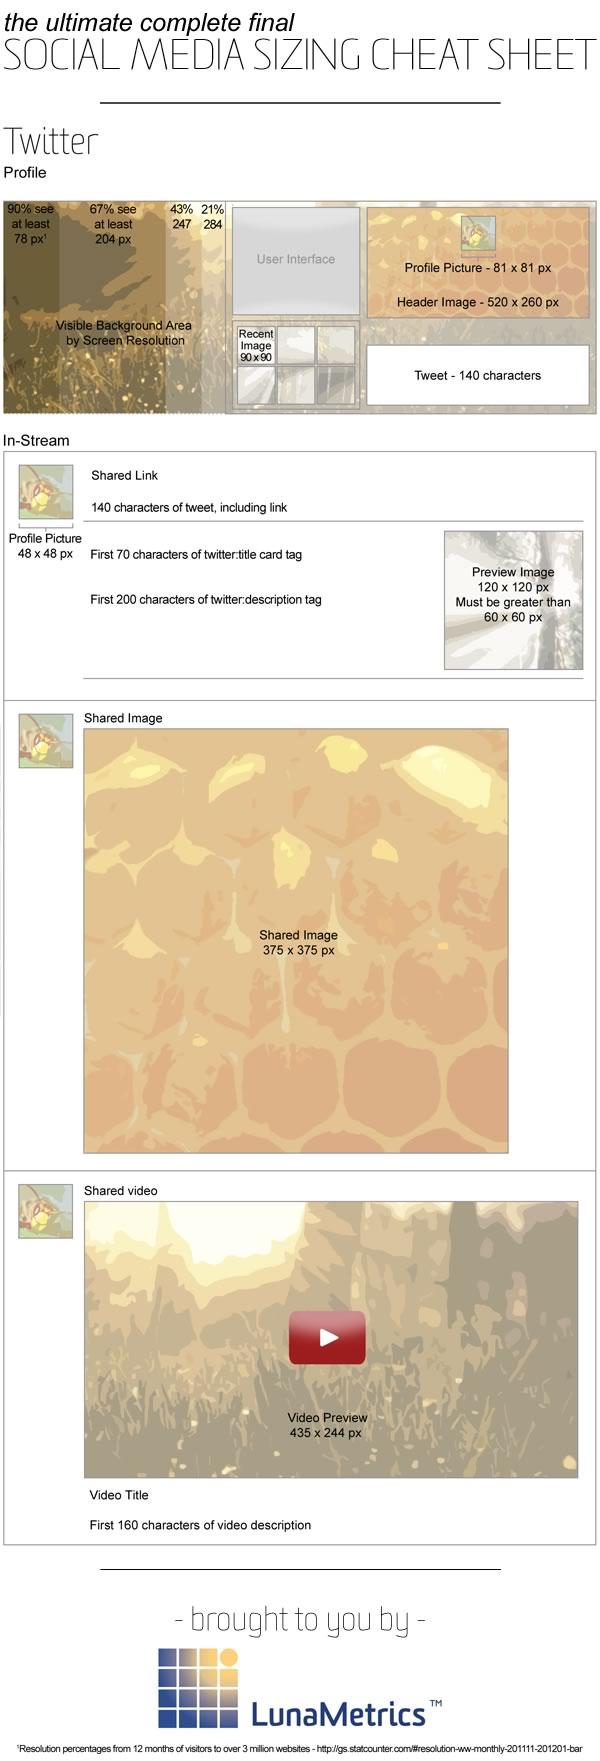 ¿Cuáles son los medidas óptimas de imágenes en Facebook, twitter y otras redes sociales? - resoluciones-publicaciones-imagen-twitter